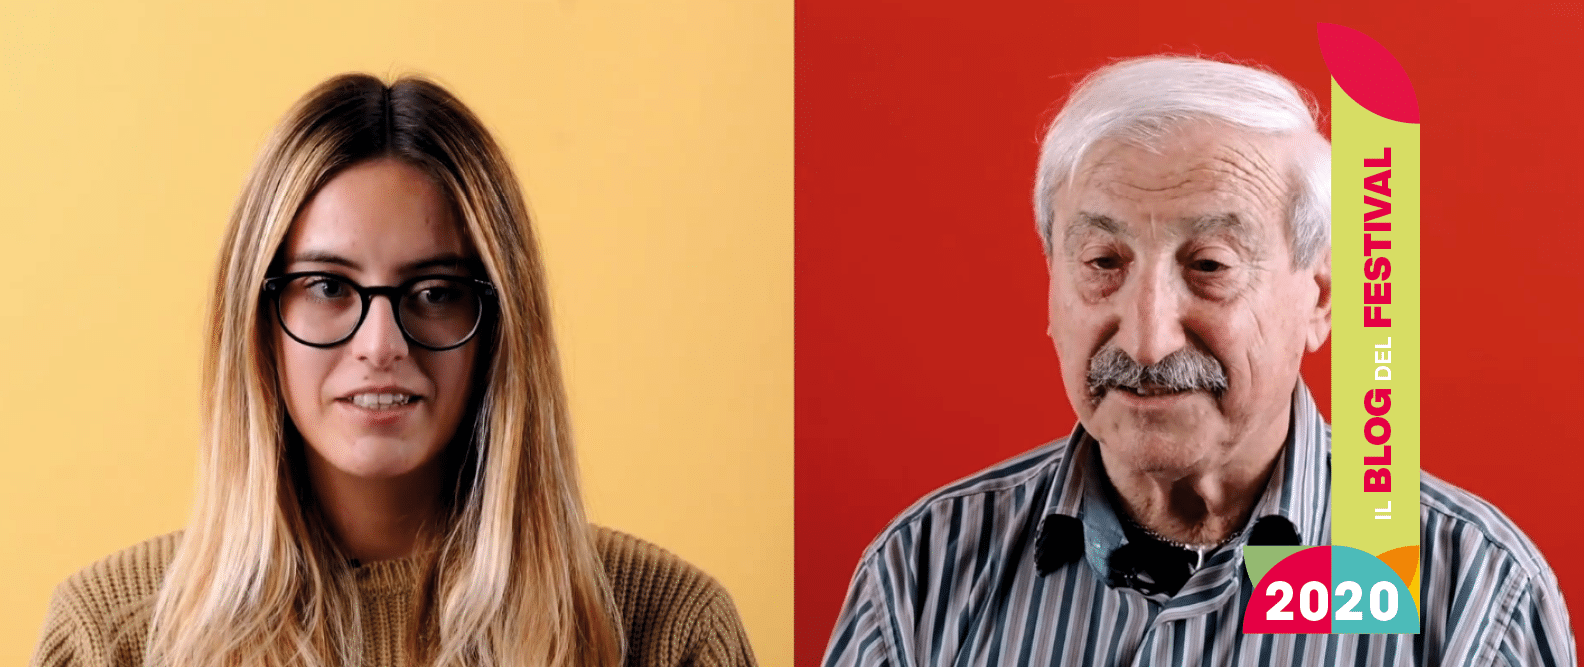 Geometri di ieri e di oggi: l'intervista doppia al Festival della Cultura tecnica